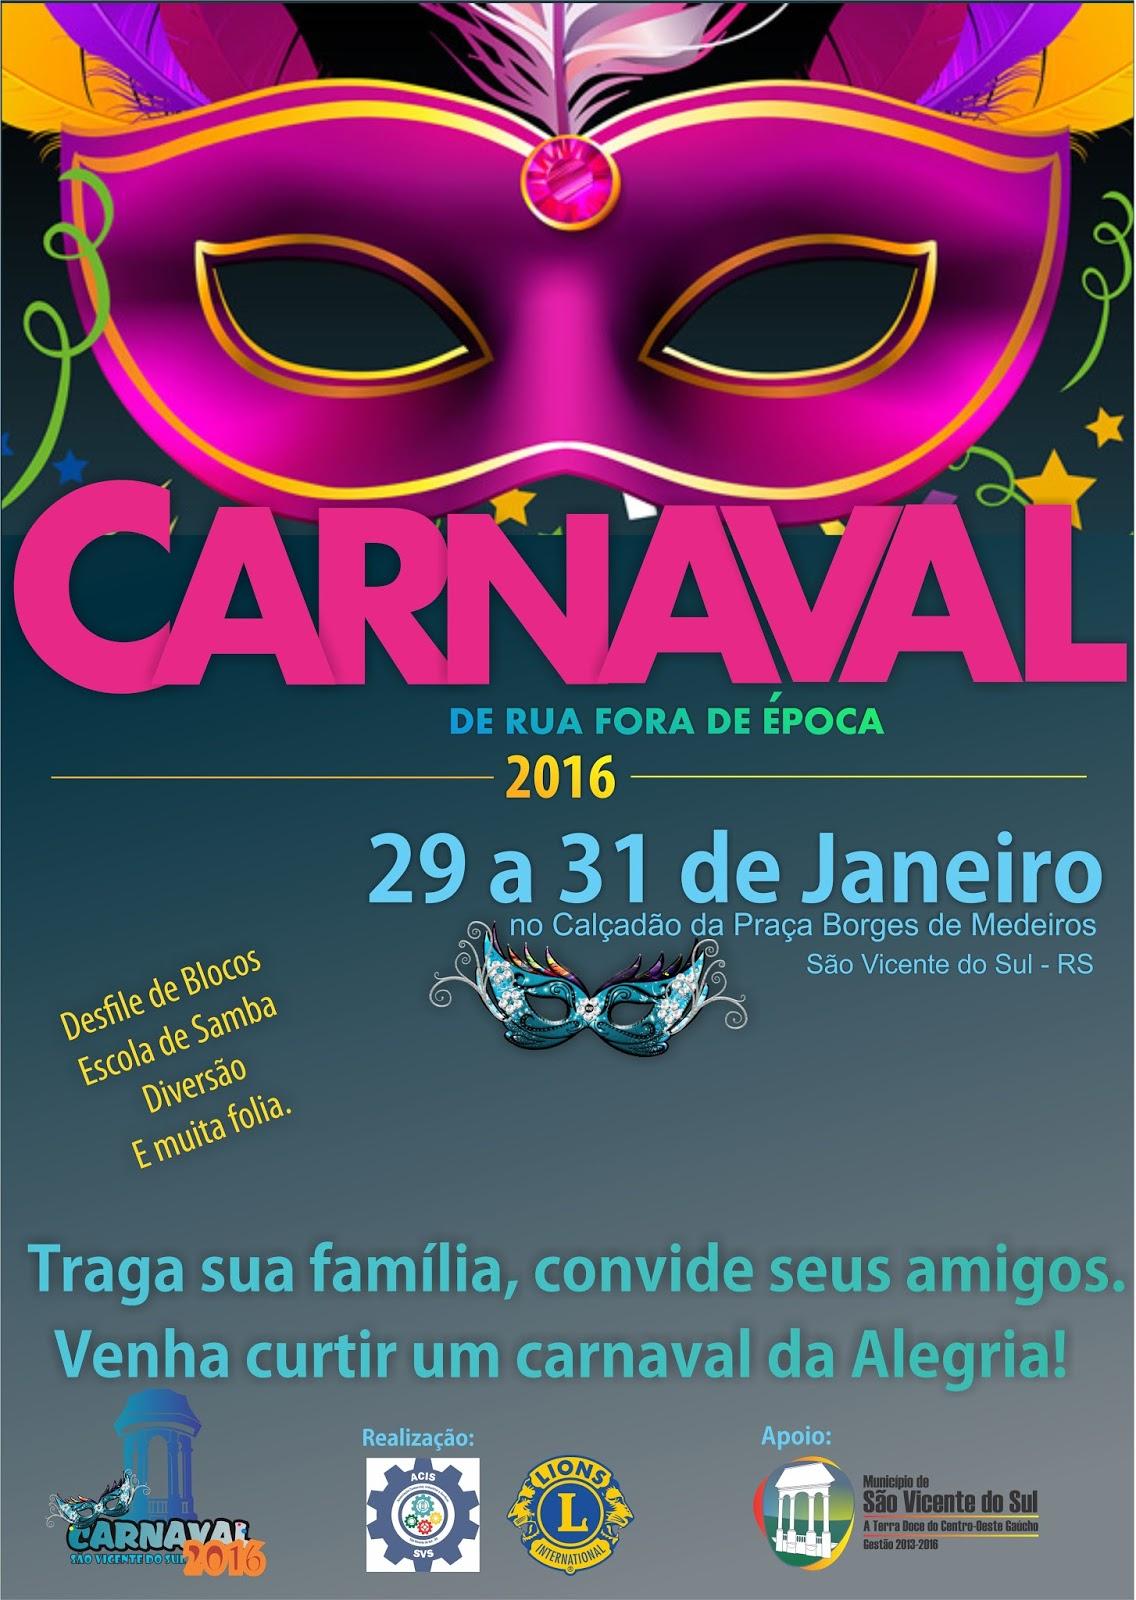 O carnaval de rua antecipado de s o vicente do sul que j se tornou tradicional na regi o central come a nesta sexta feira 29 prosseguindo at a noite